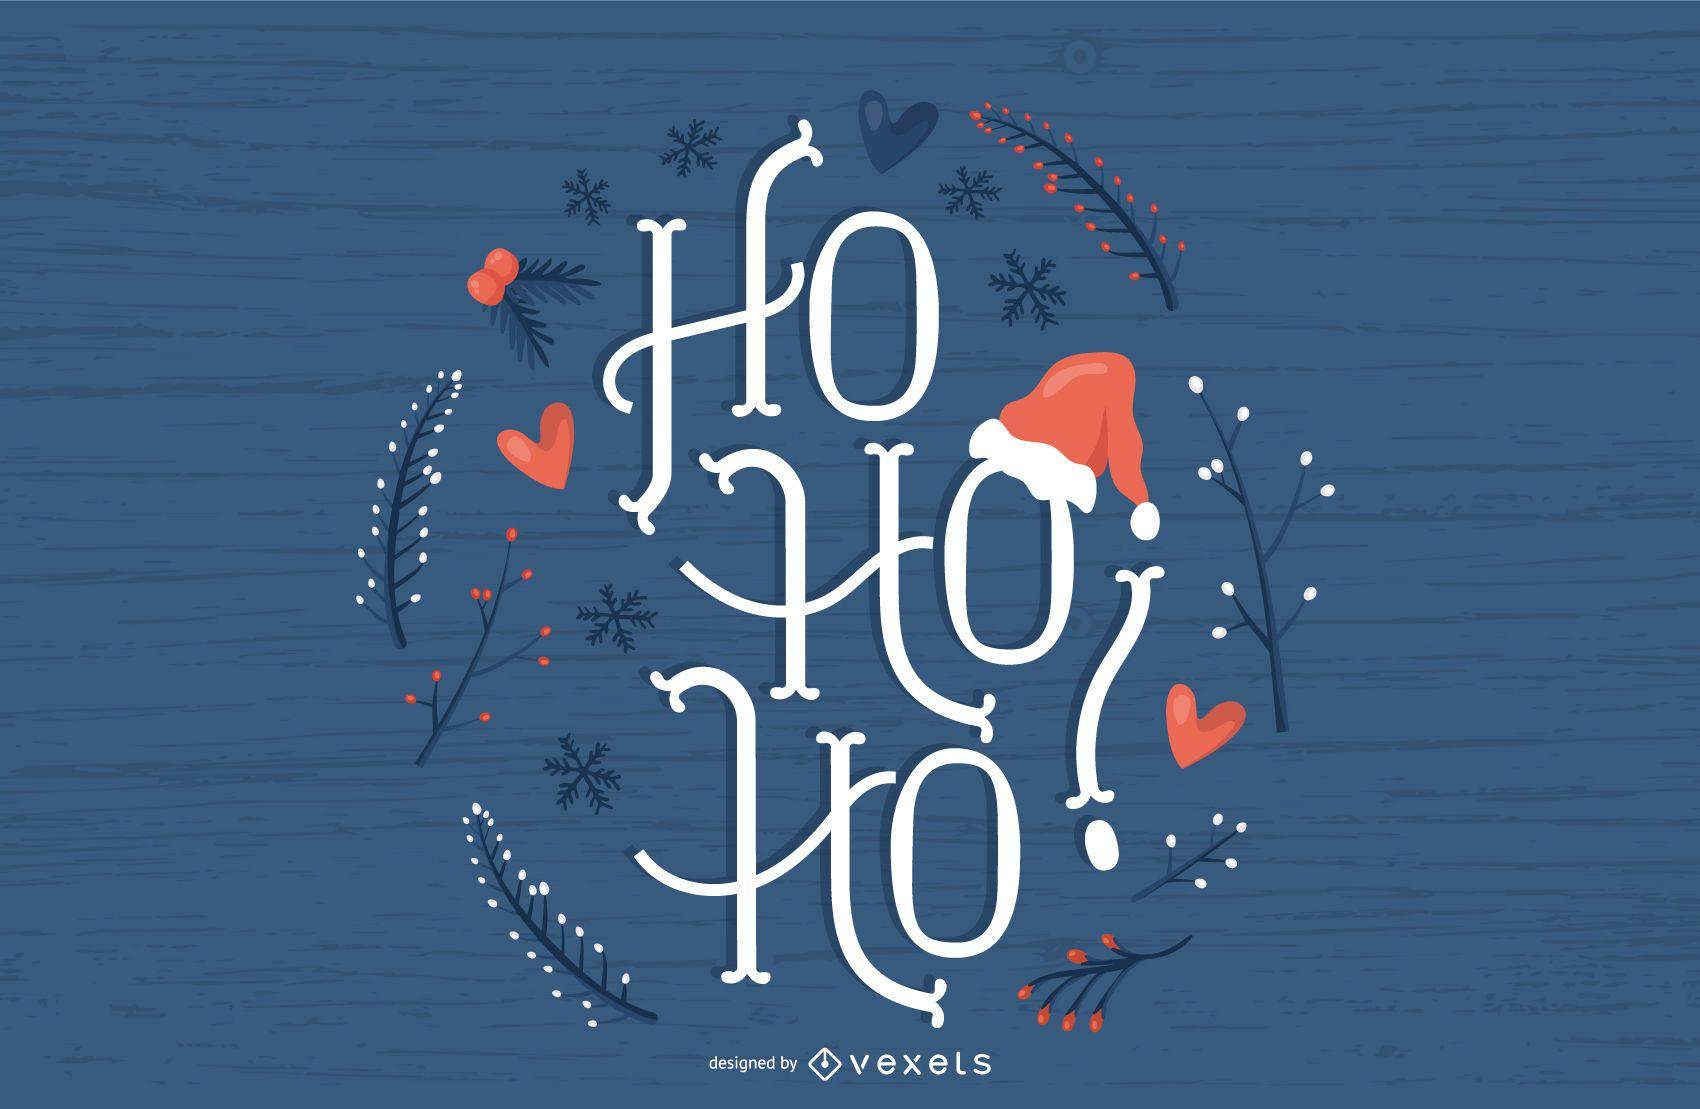 Lindo dise?o de letras navide?as